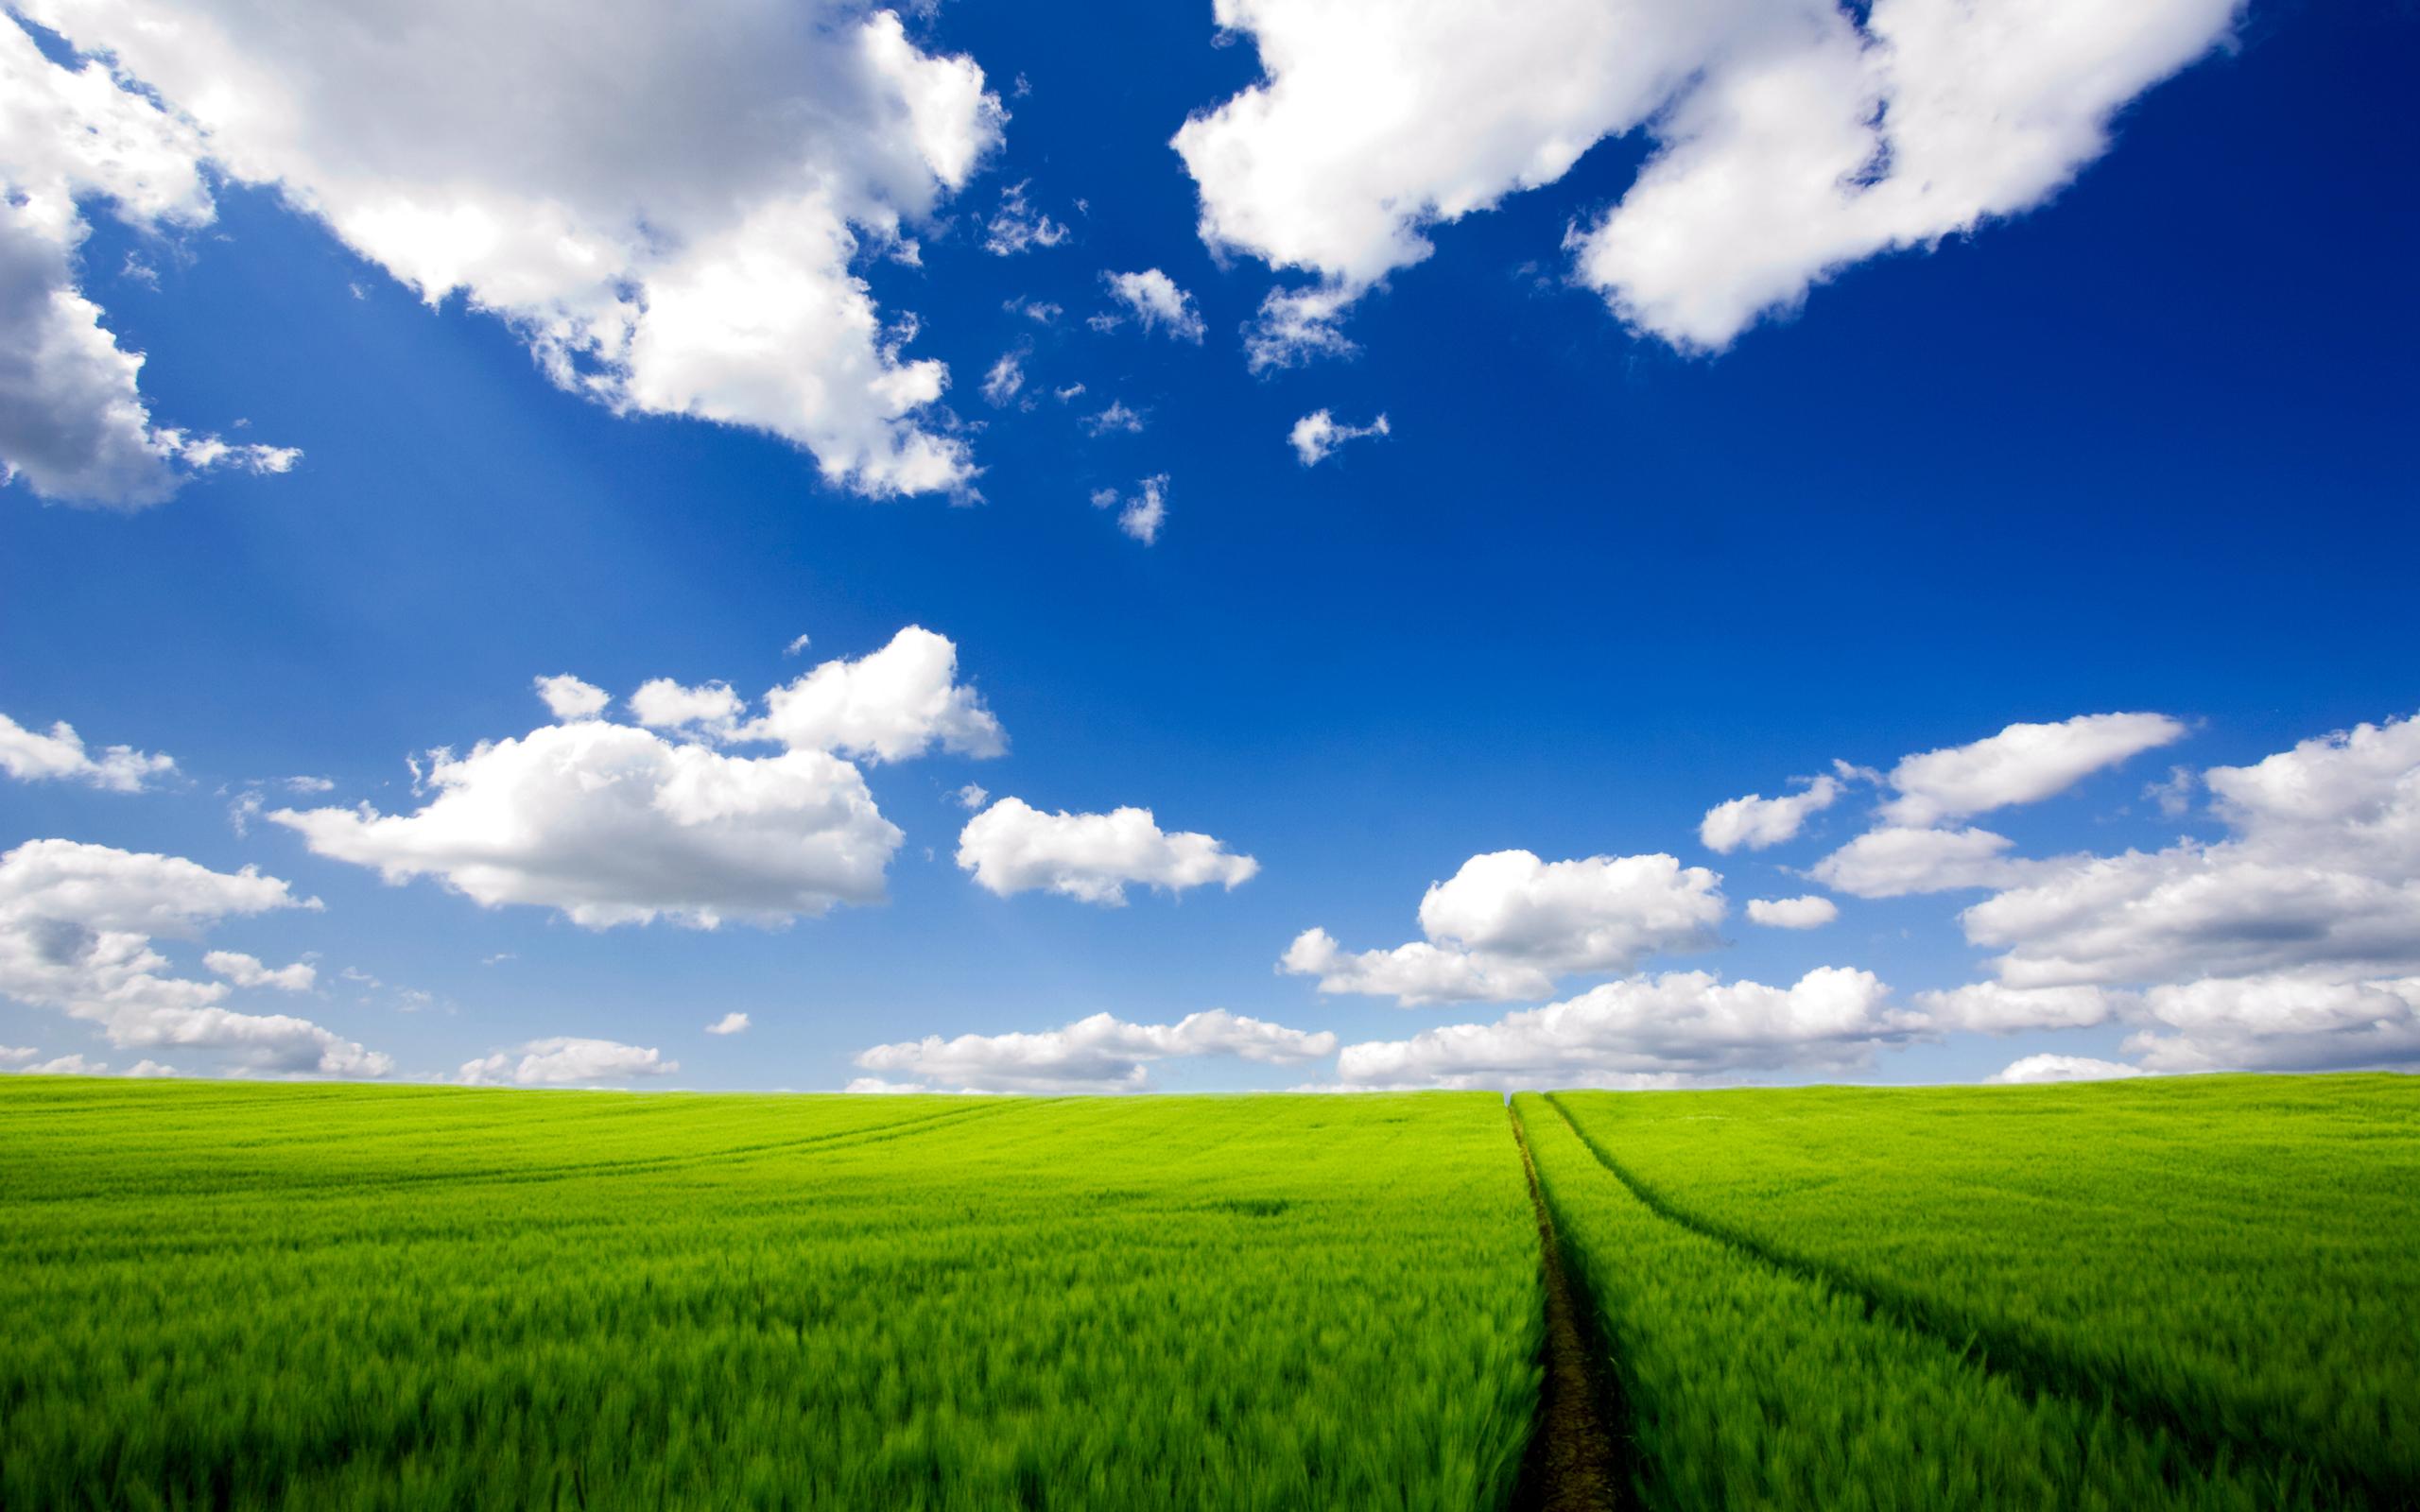 природа облака небо горизонт поле  № 204321 загрузить